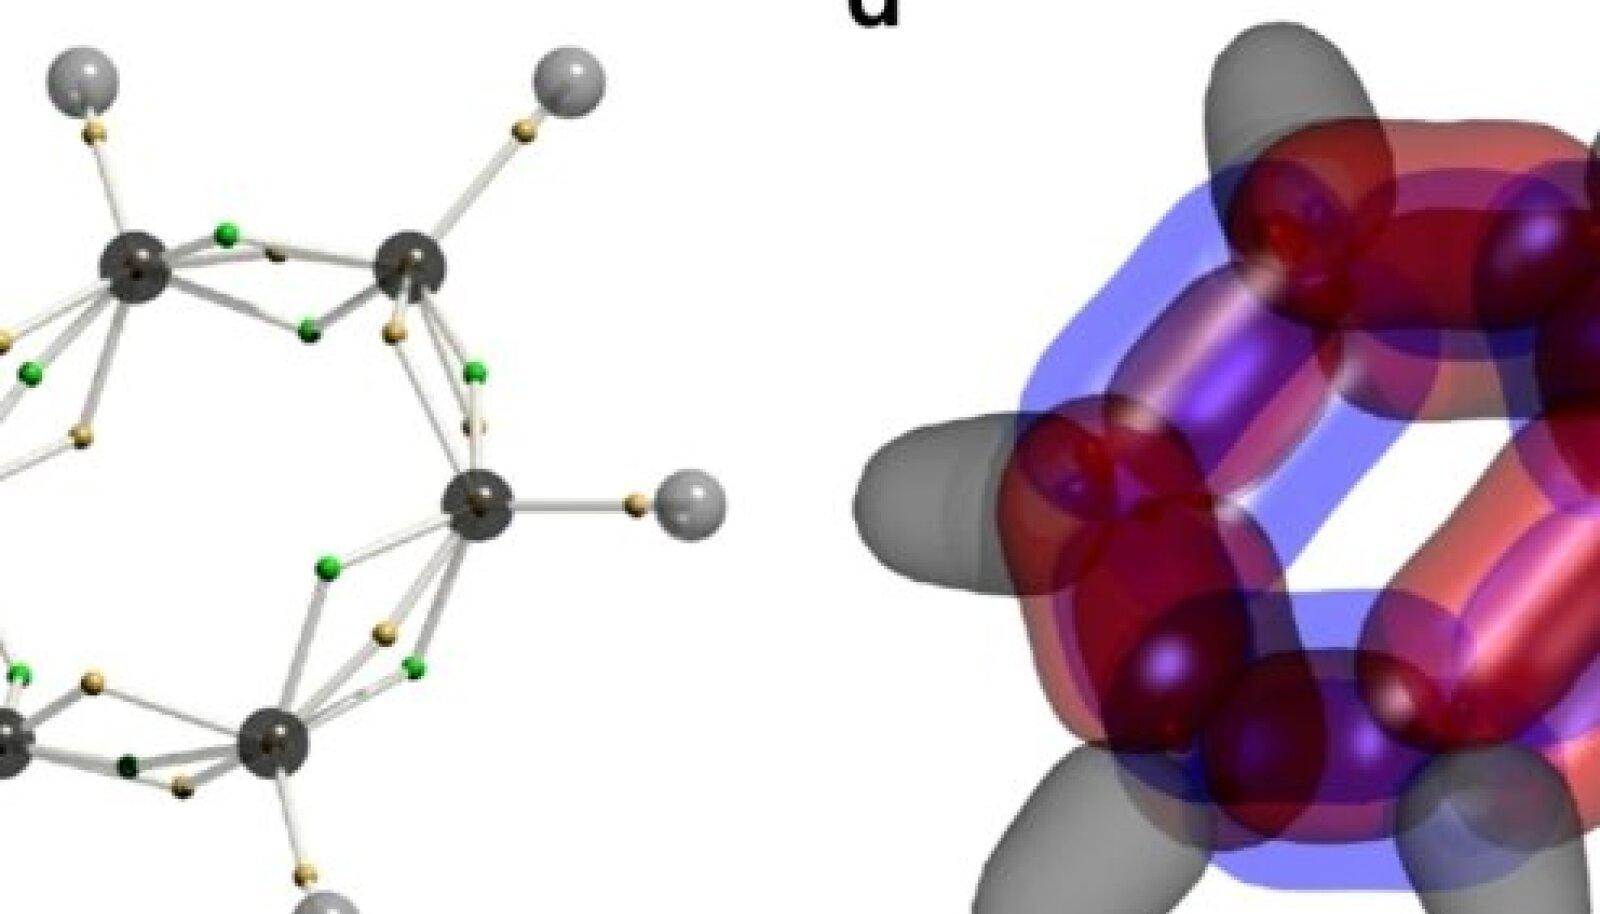 Lainefunktsioonide visualiseeringul on kujutatud elektronide spinni (paremal) ja elektronisüsteemi läbilõiget (vasakul). Allikas: Liu jt, Nature Communications, 2020